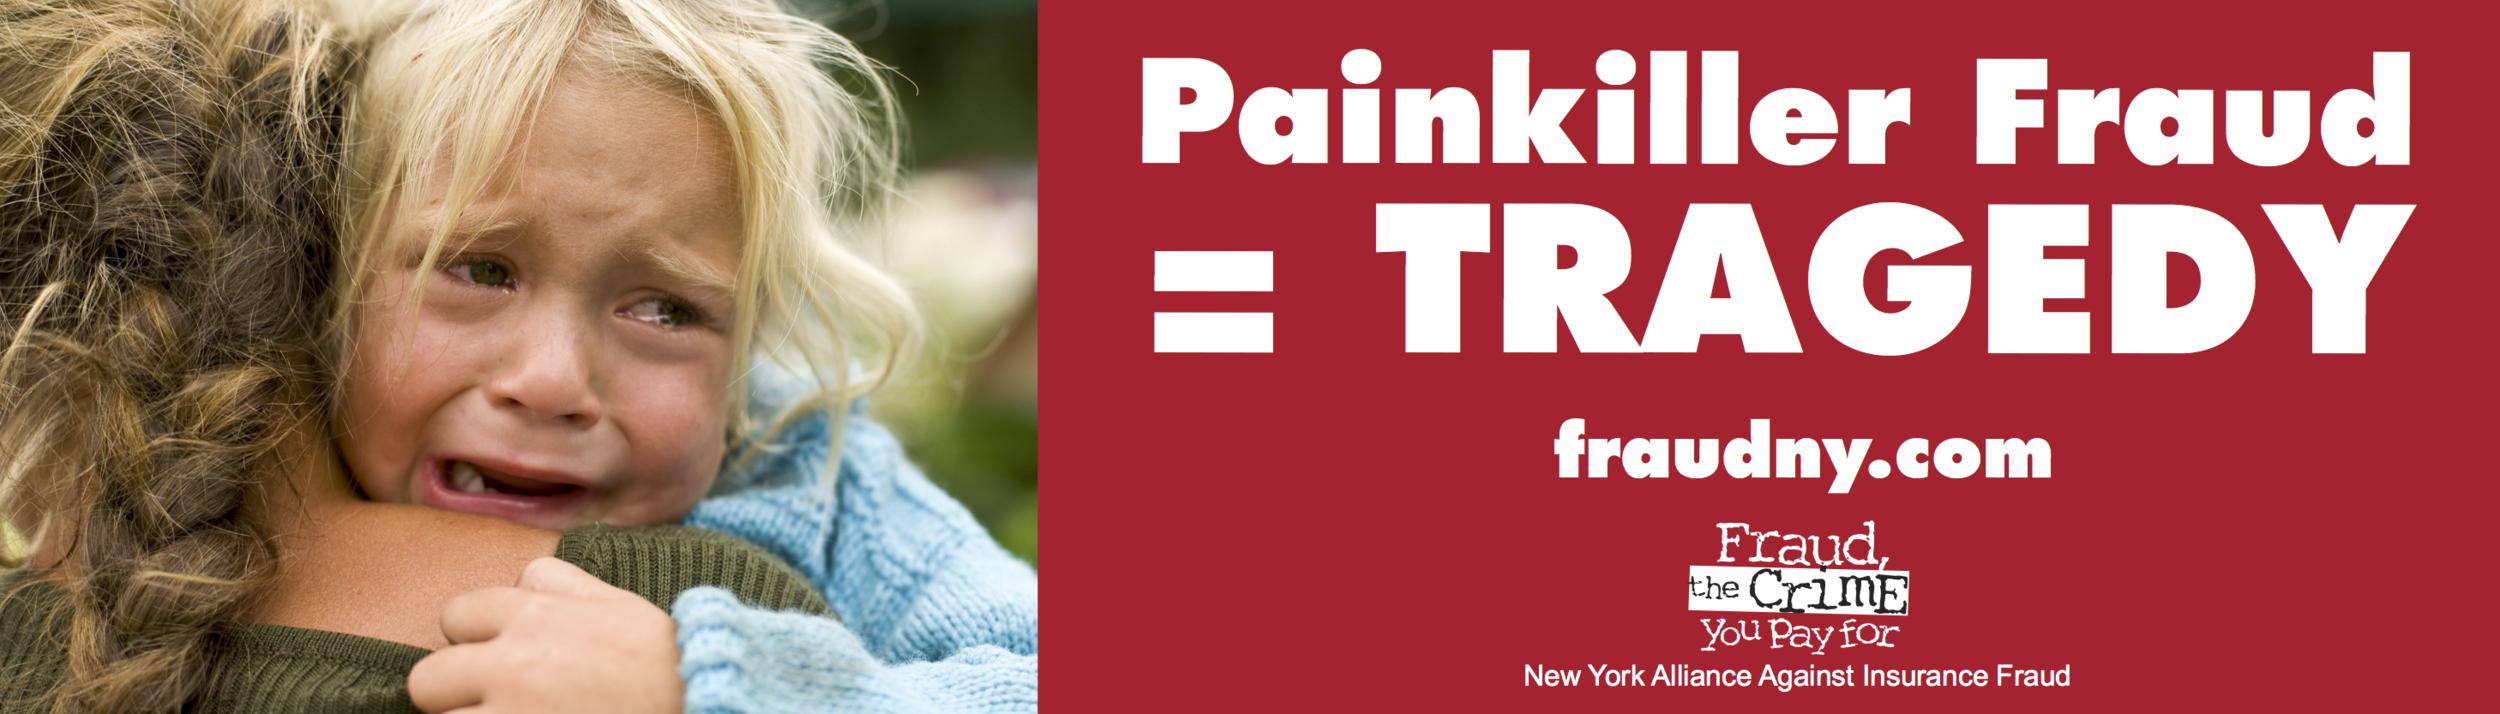 FINAL PDF Painkiller-Digital_400x1400-v2.png